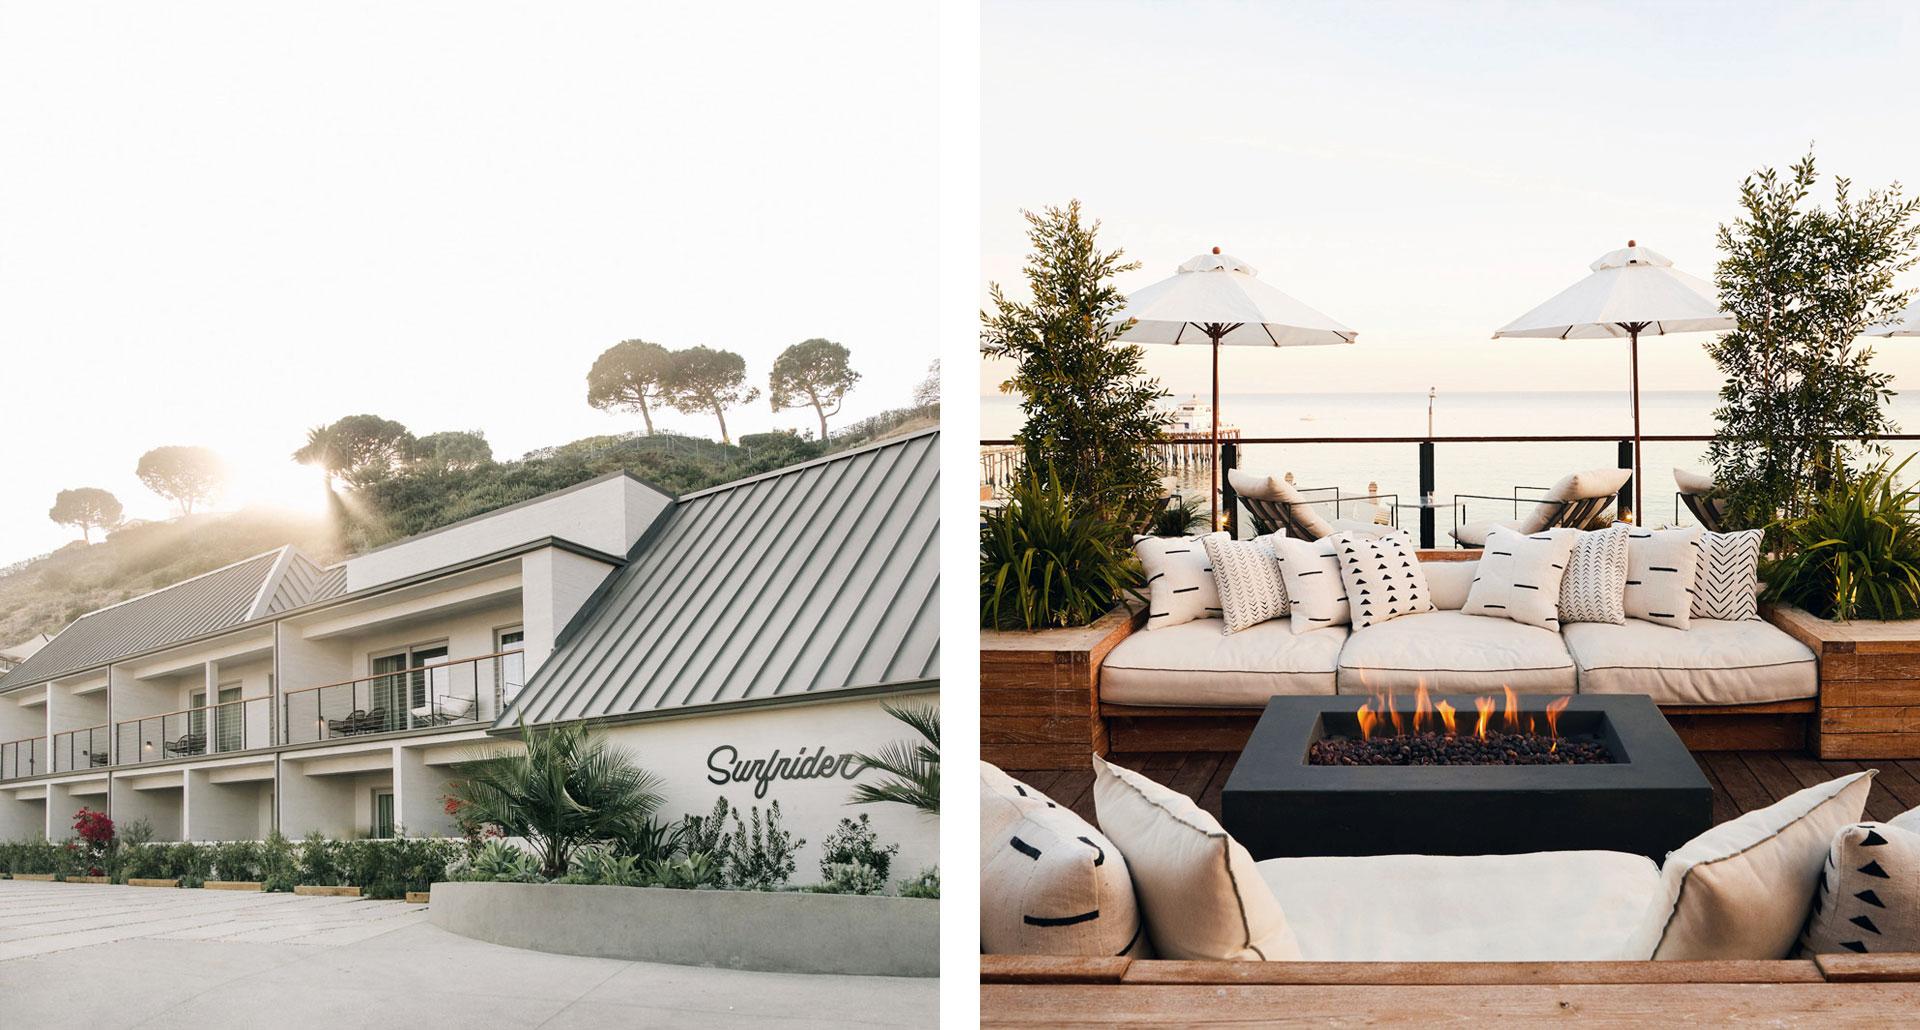 The Surfrider - boutique hotel in Malibu